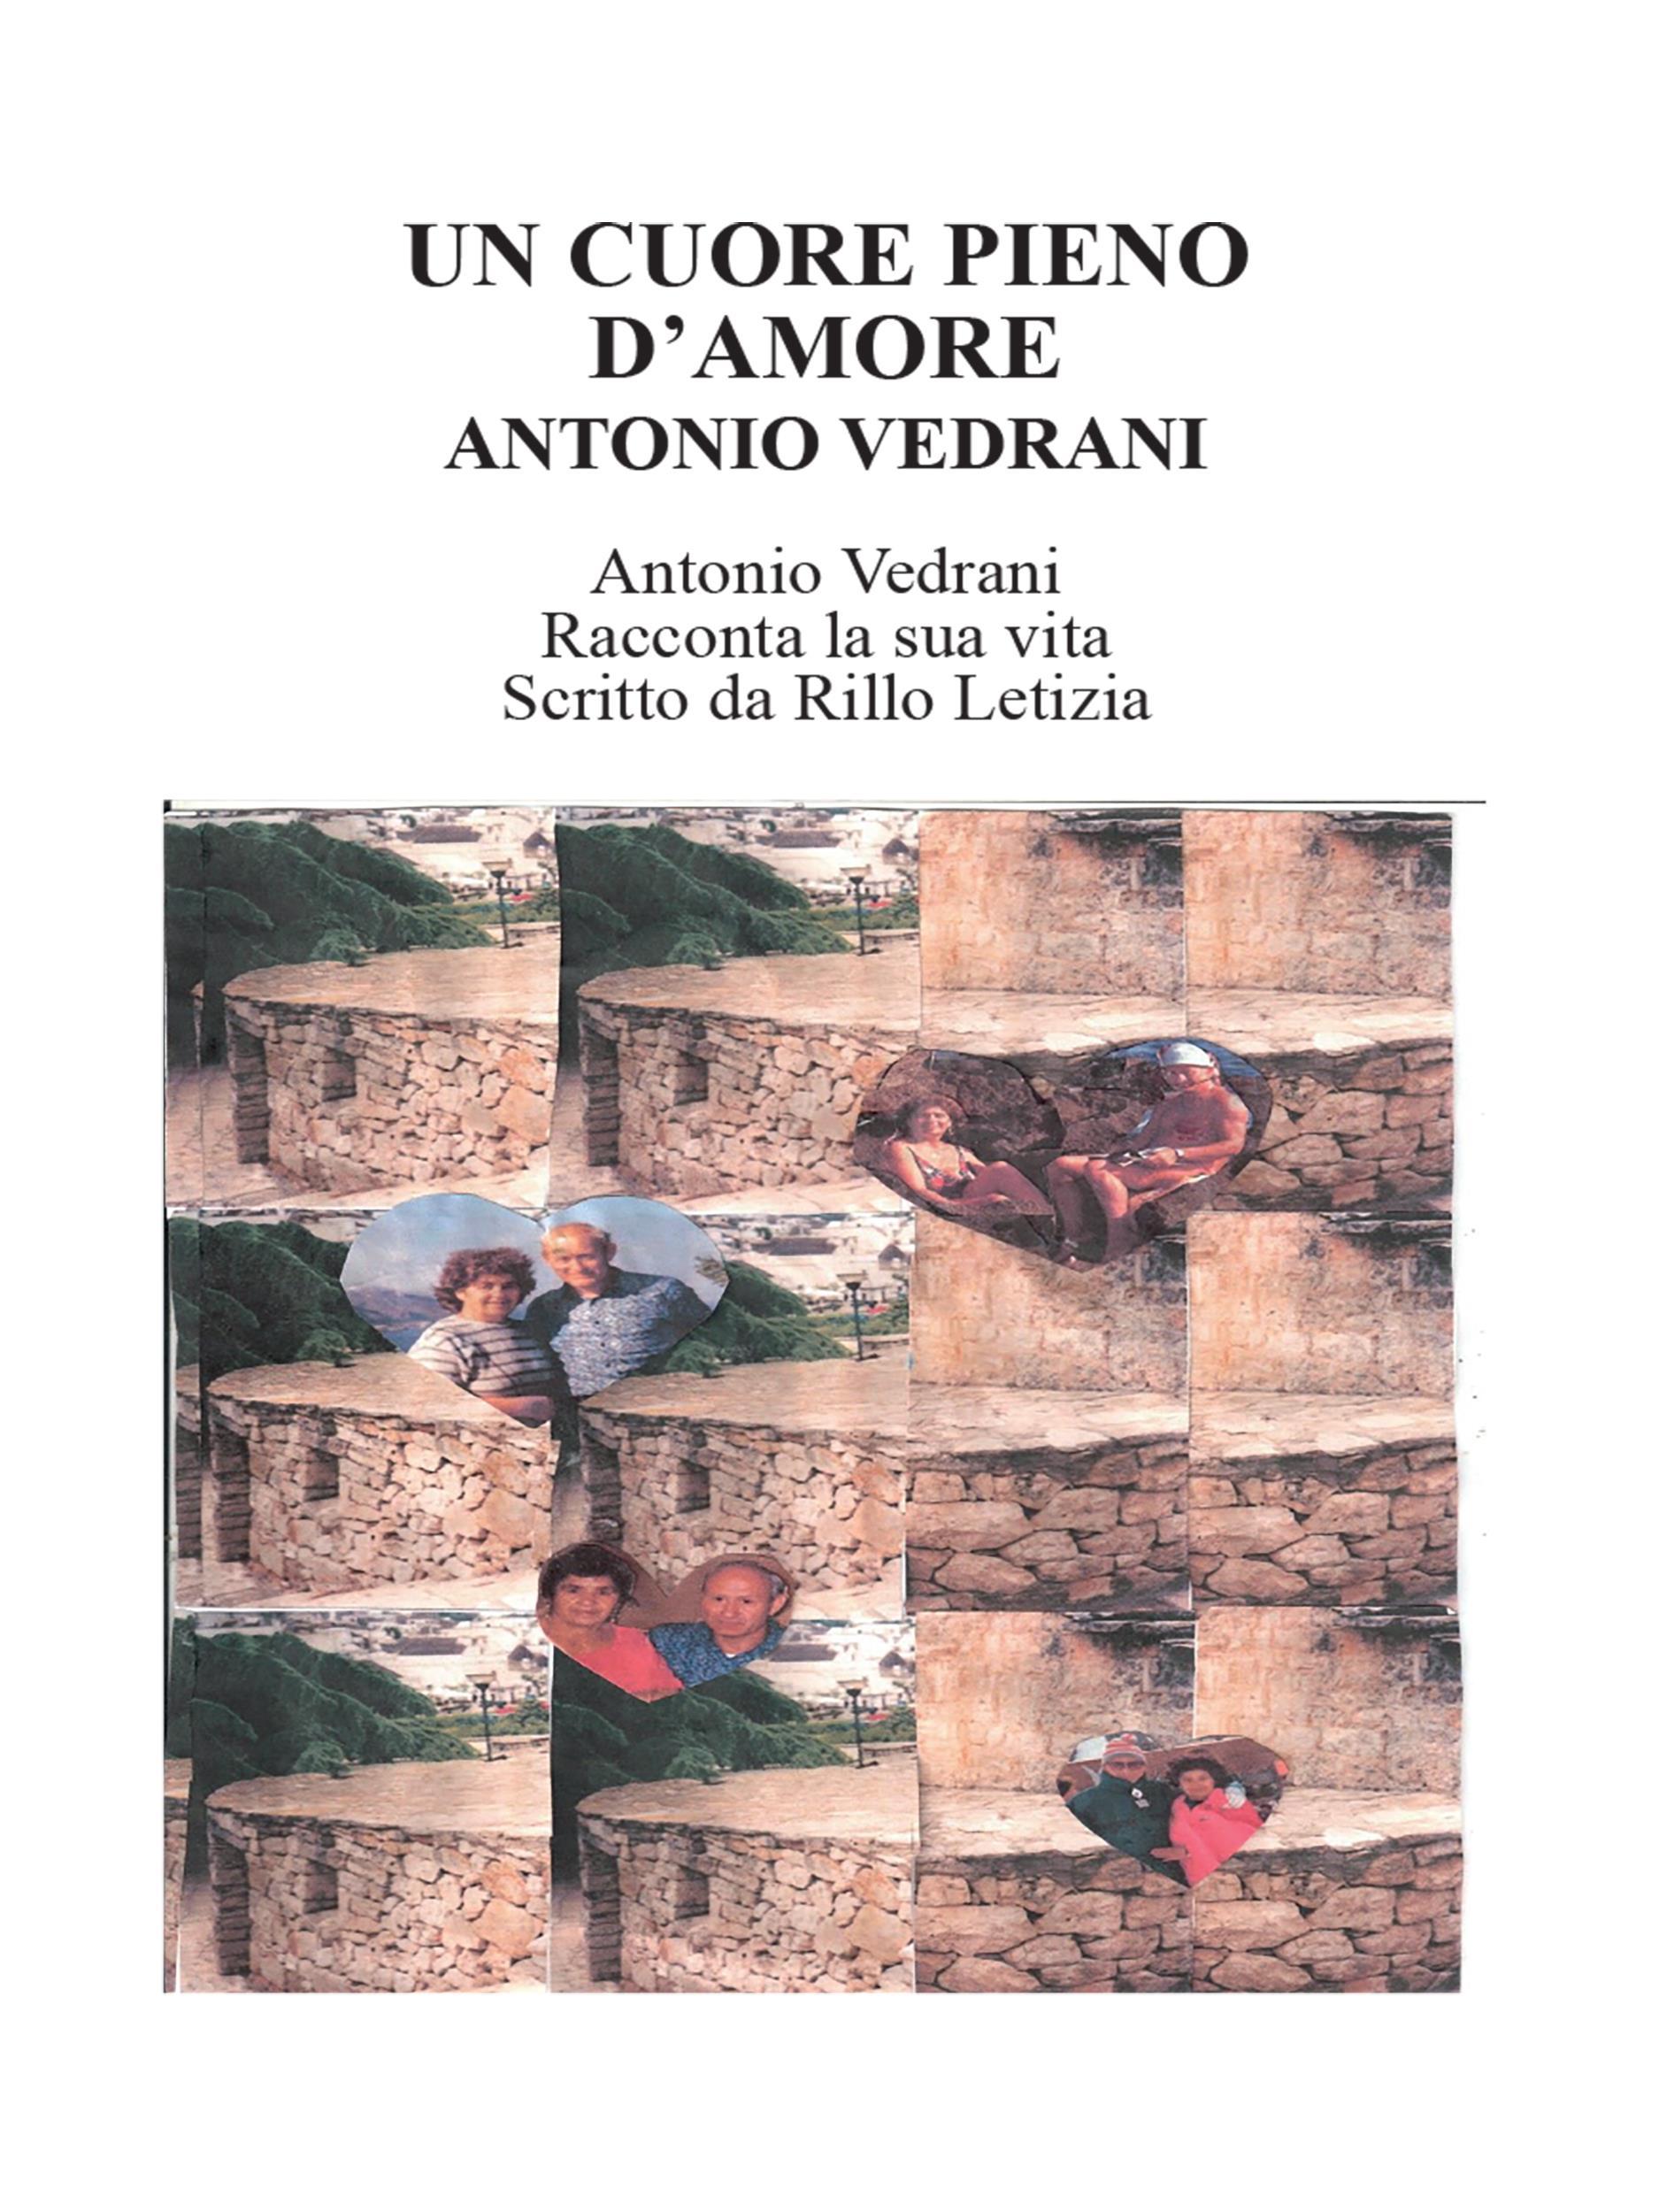 Un cuore pieno d'amore. Antonio Vedrani